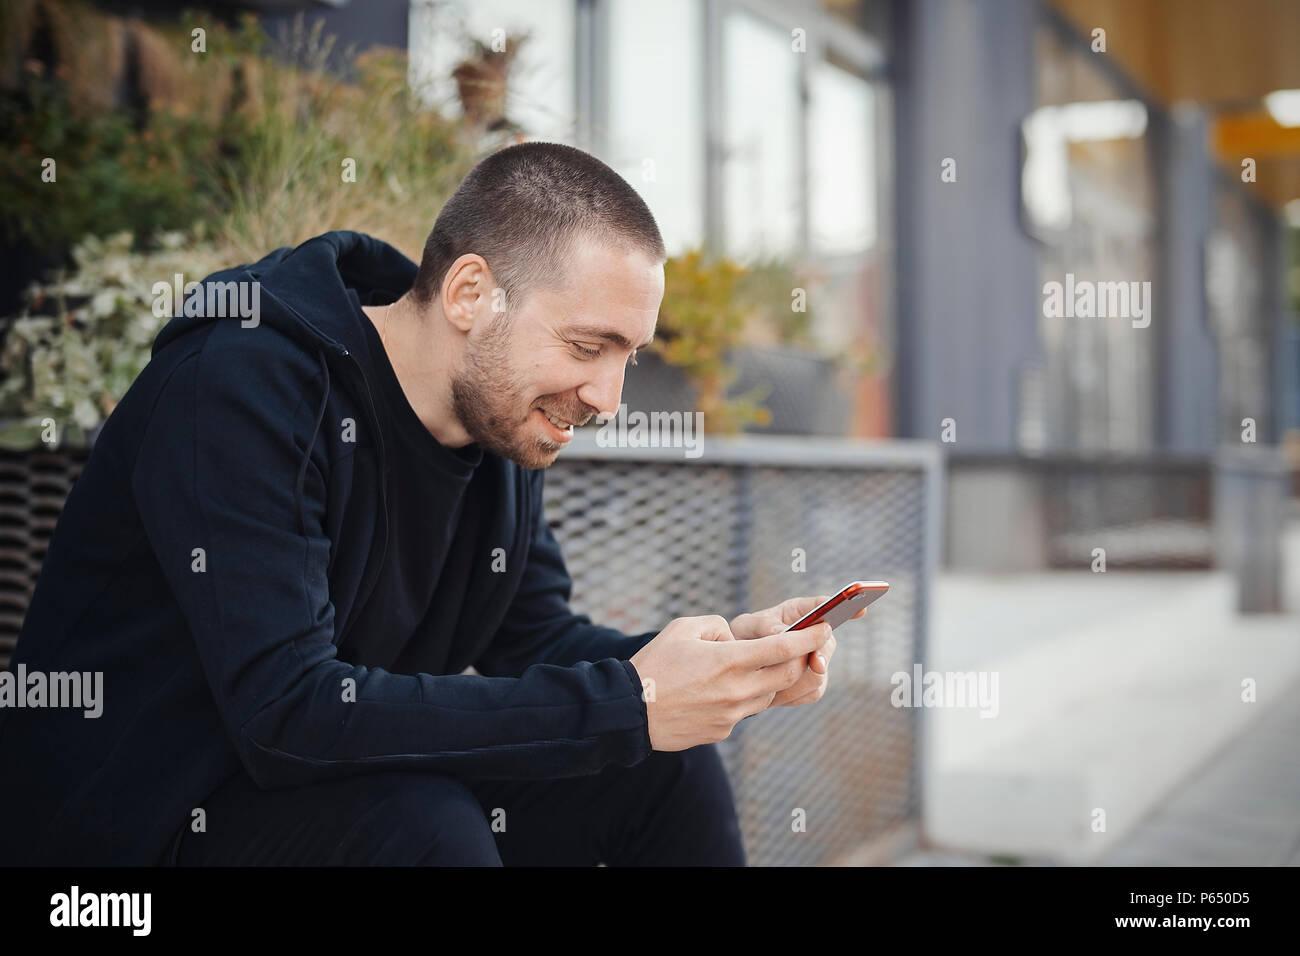 Bärtiger Mann mit Handy Bildschirm schaut und lächelnd. Stockbild